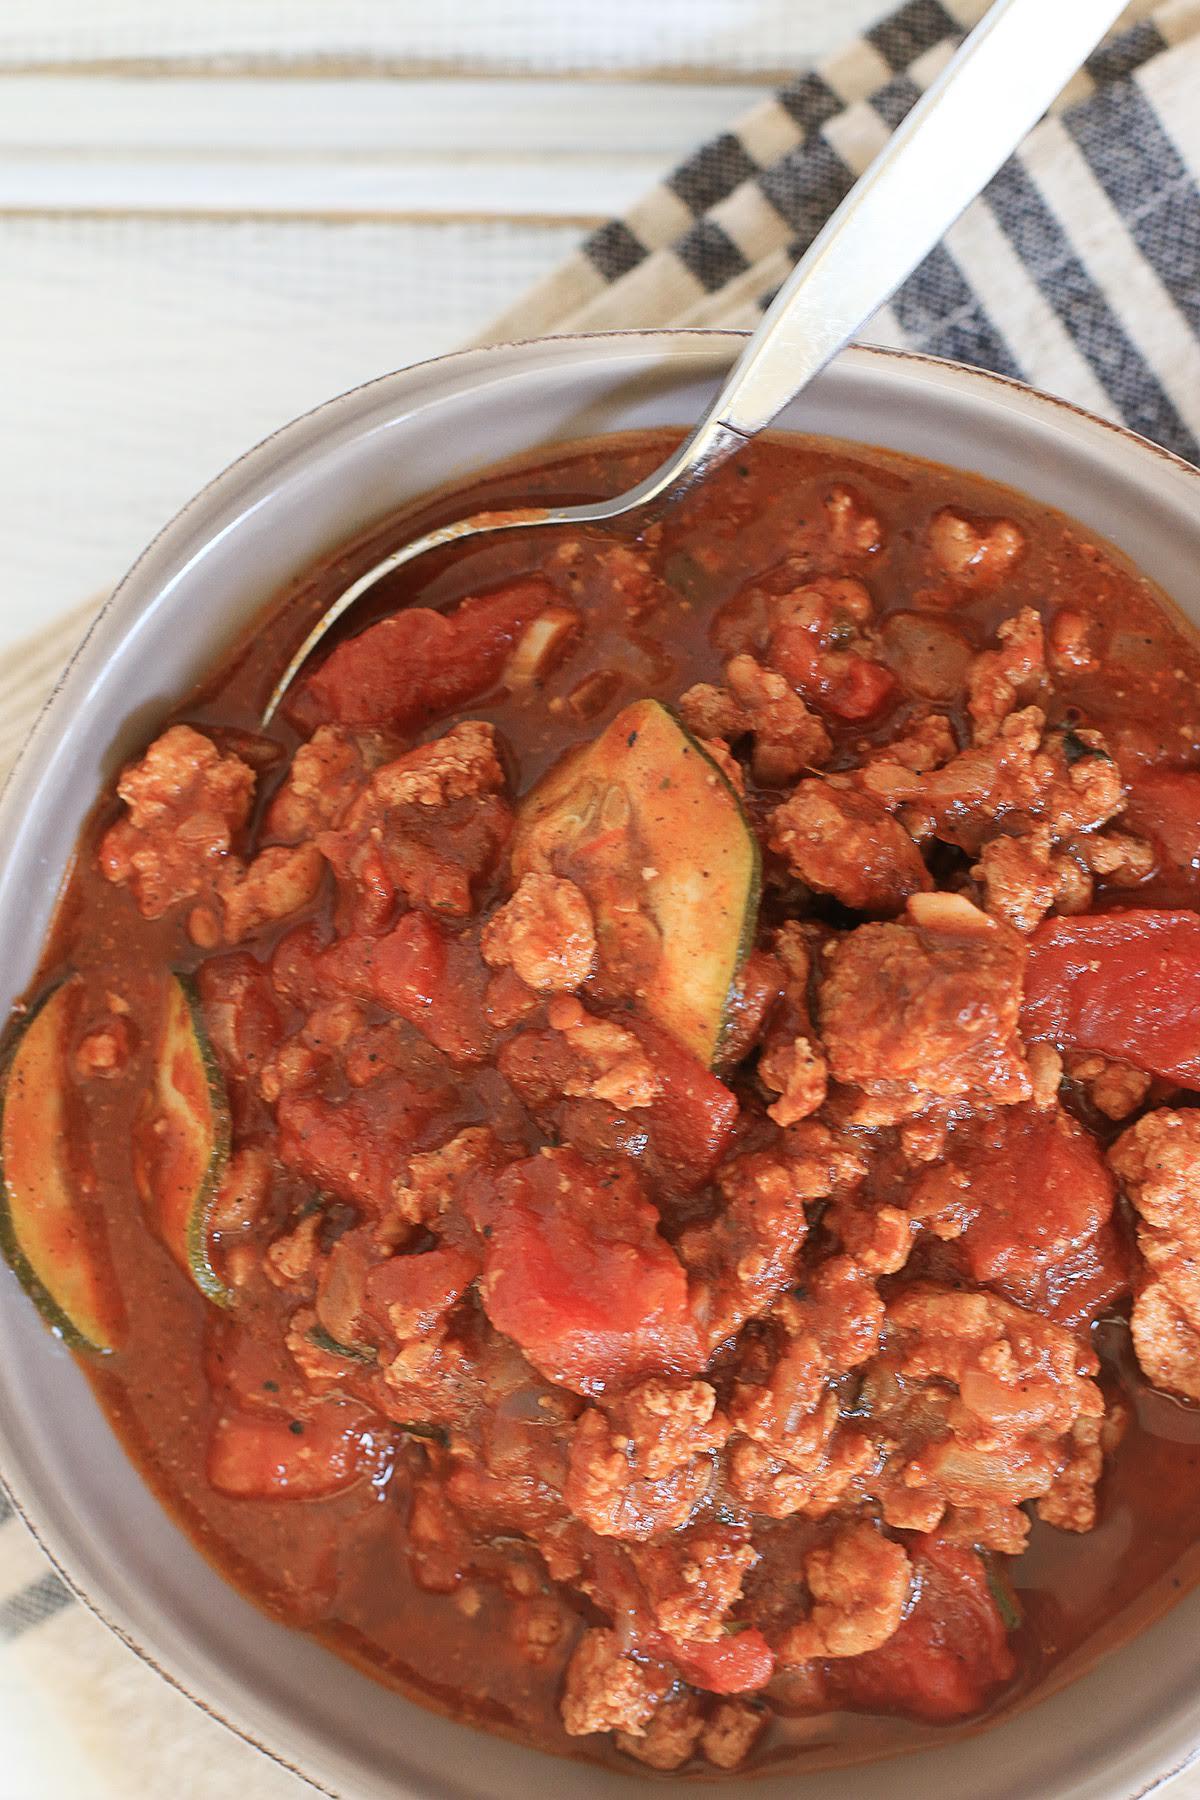 pittsburgh turkey chili